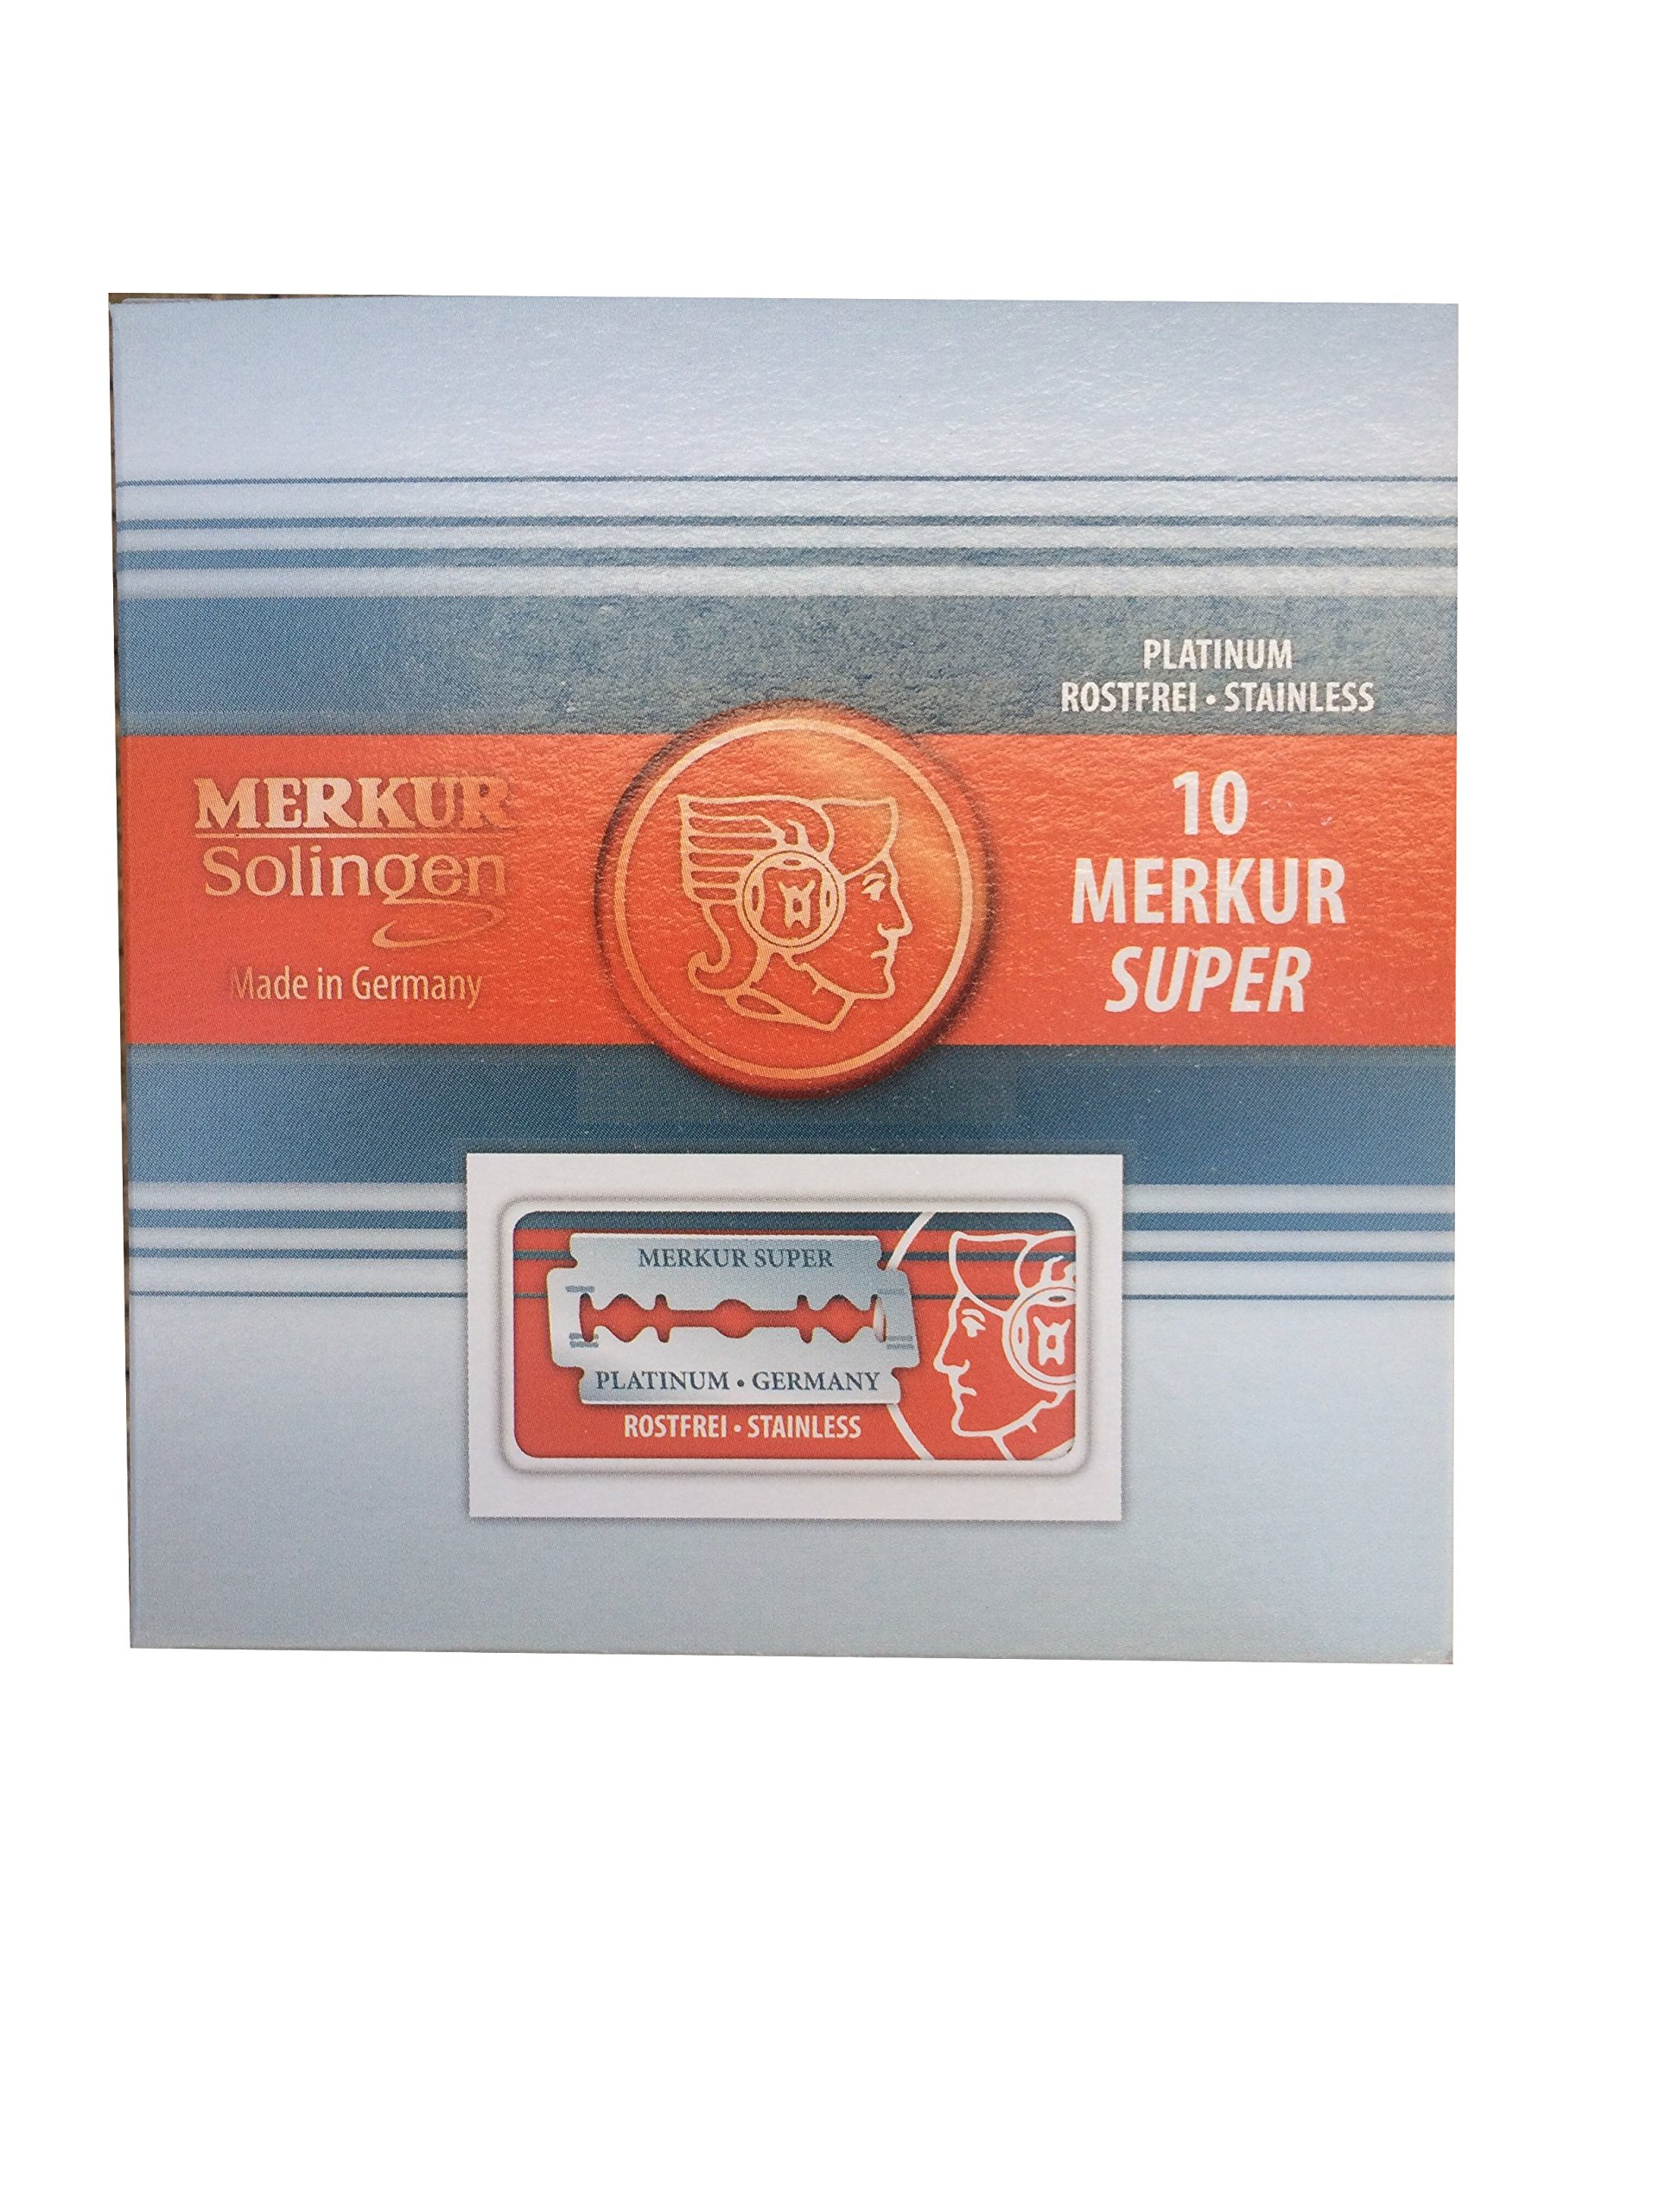 Merkur Super Platinum Double Edge Safety Razor Blades, 100 blades (10x10)